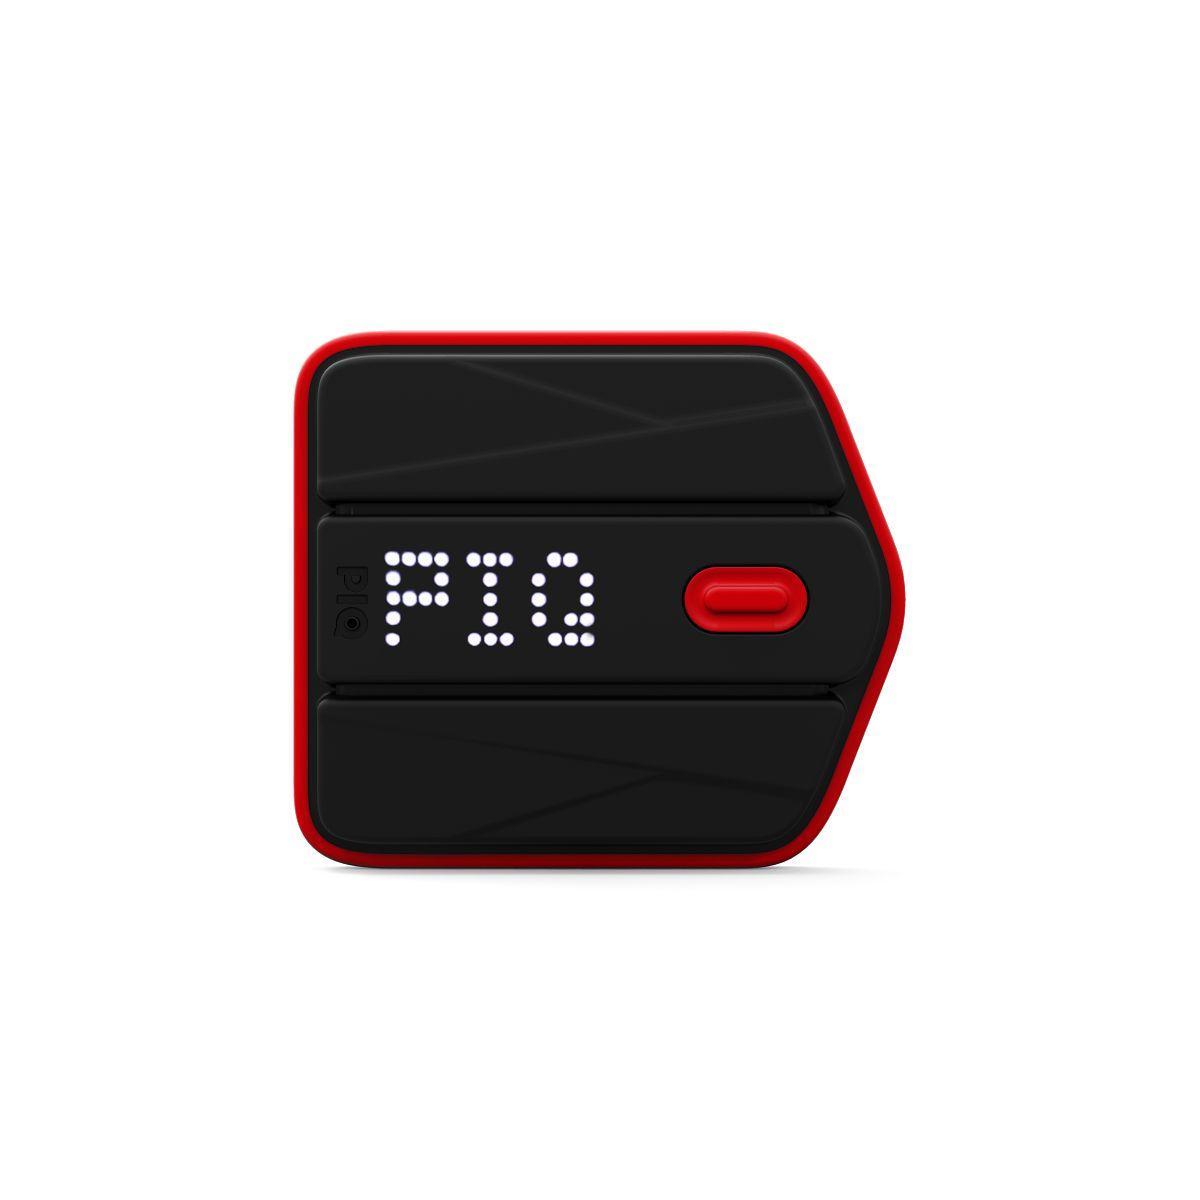 Capteur piq connect� mobitee pour golf - 20% de remise imm�diate avec le code : automne20 (photo)